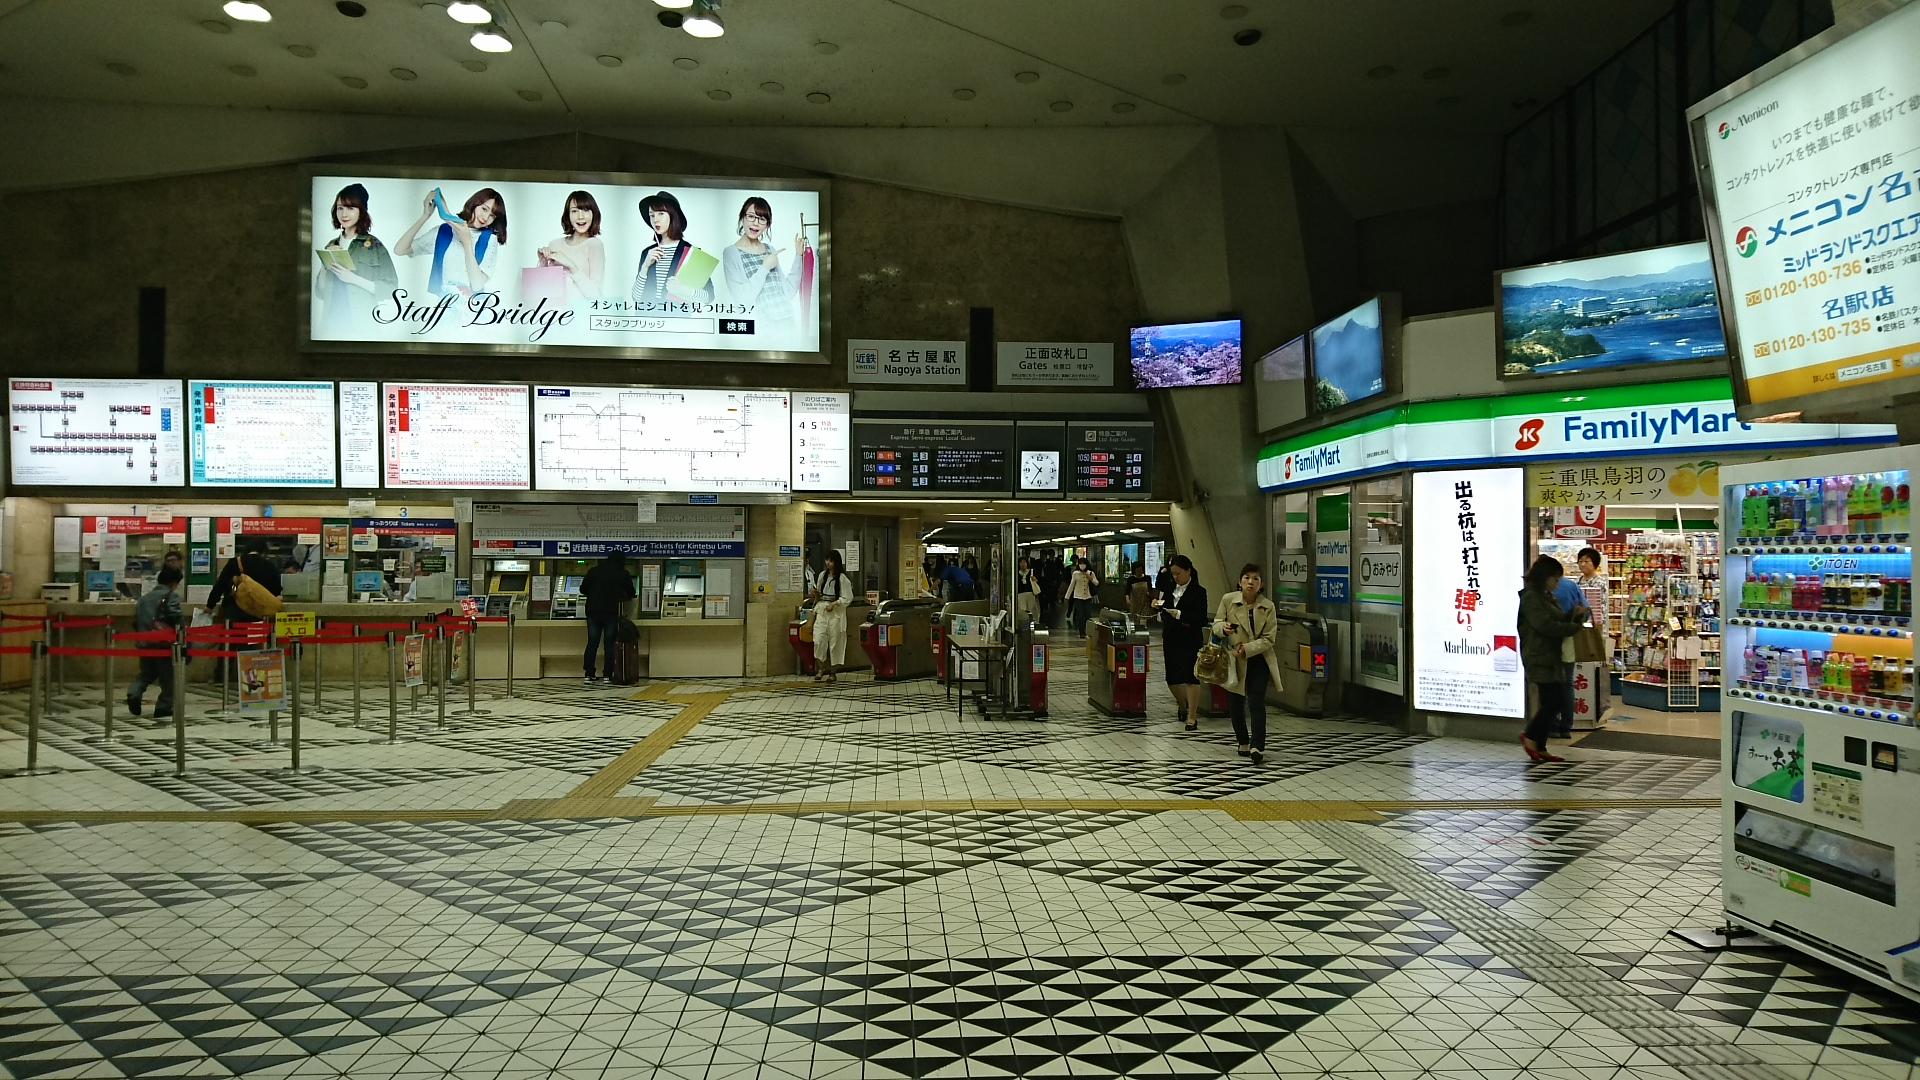 2017.4.25 近鉄 (2) 名古屋 - 正面かいさつぐち 1920-1080